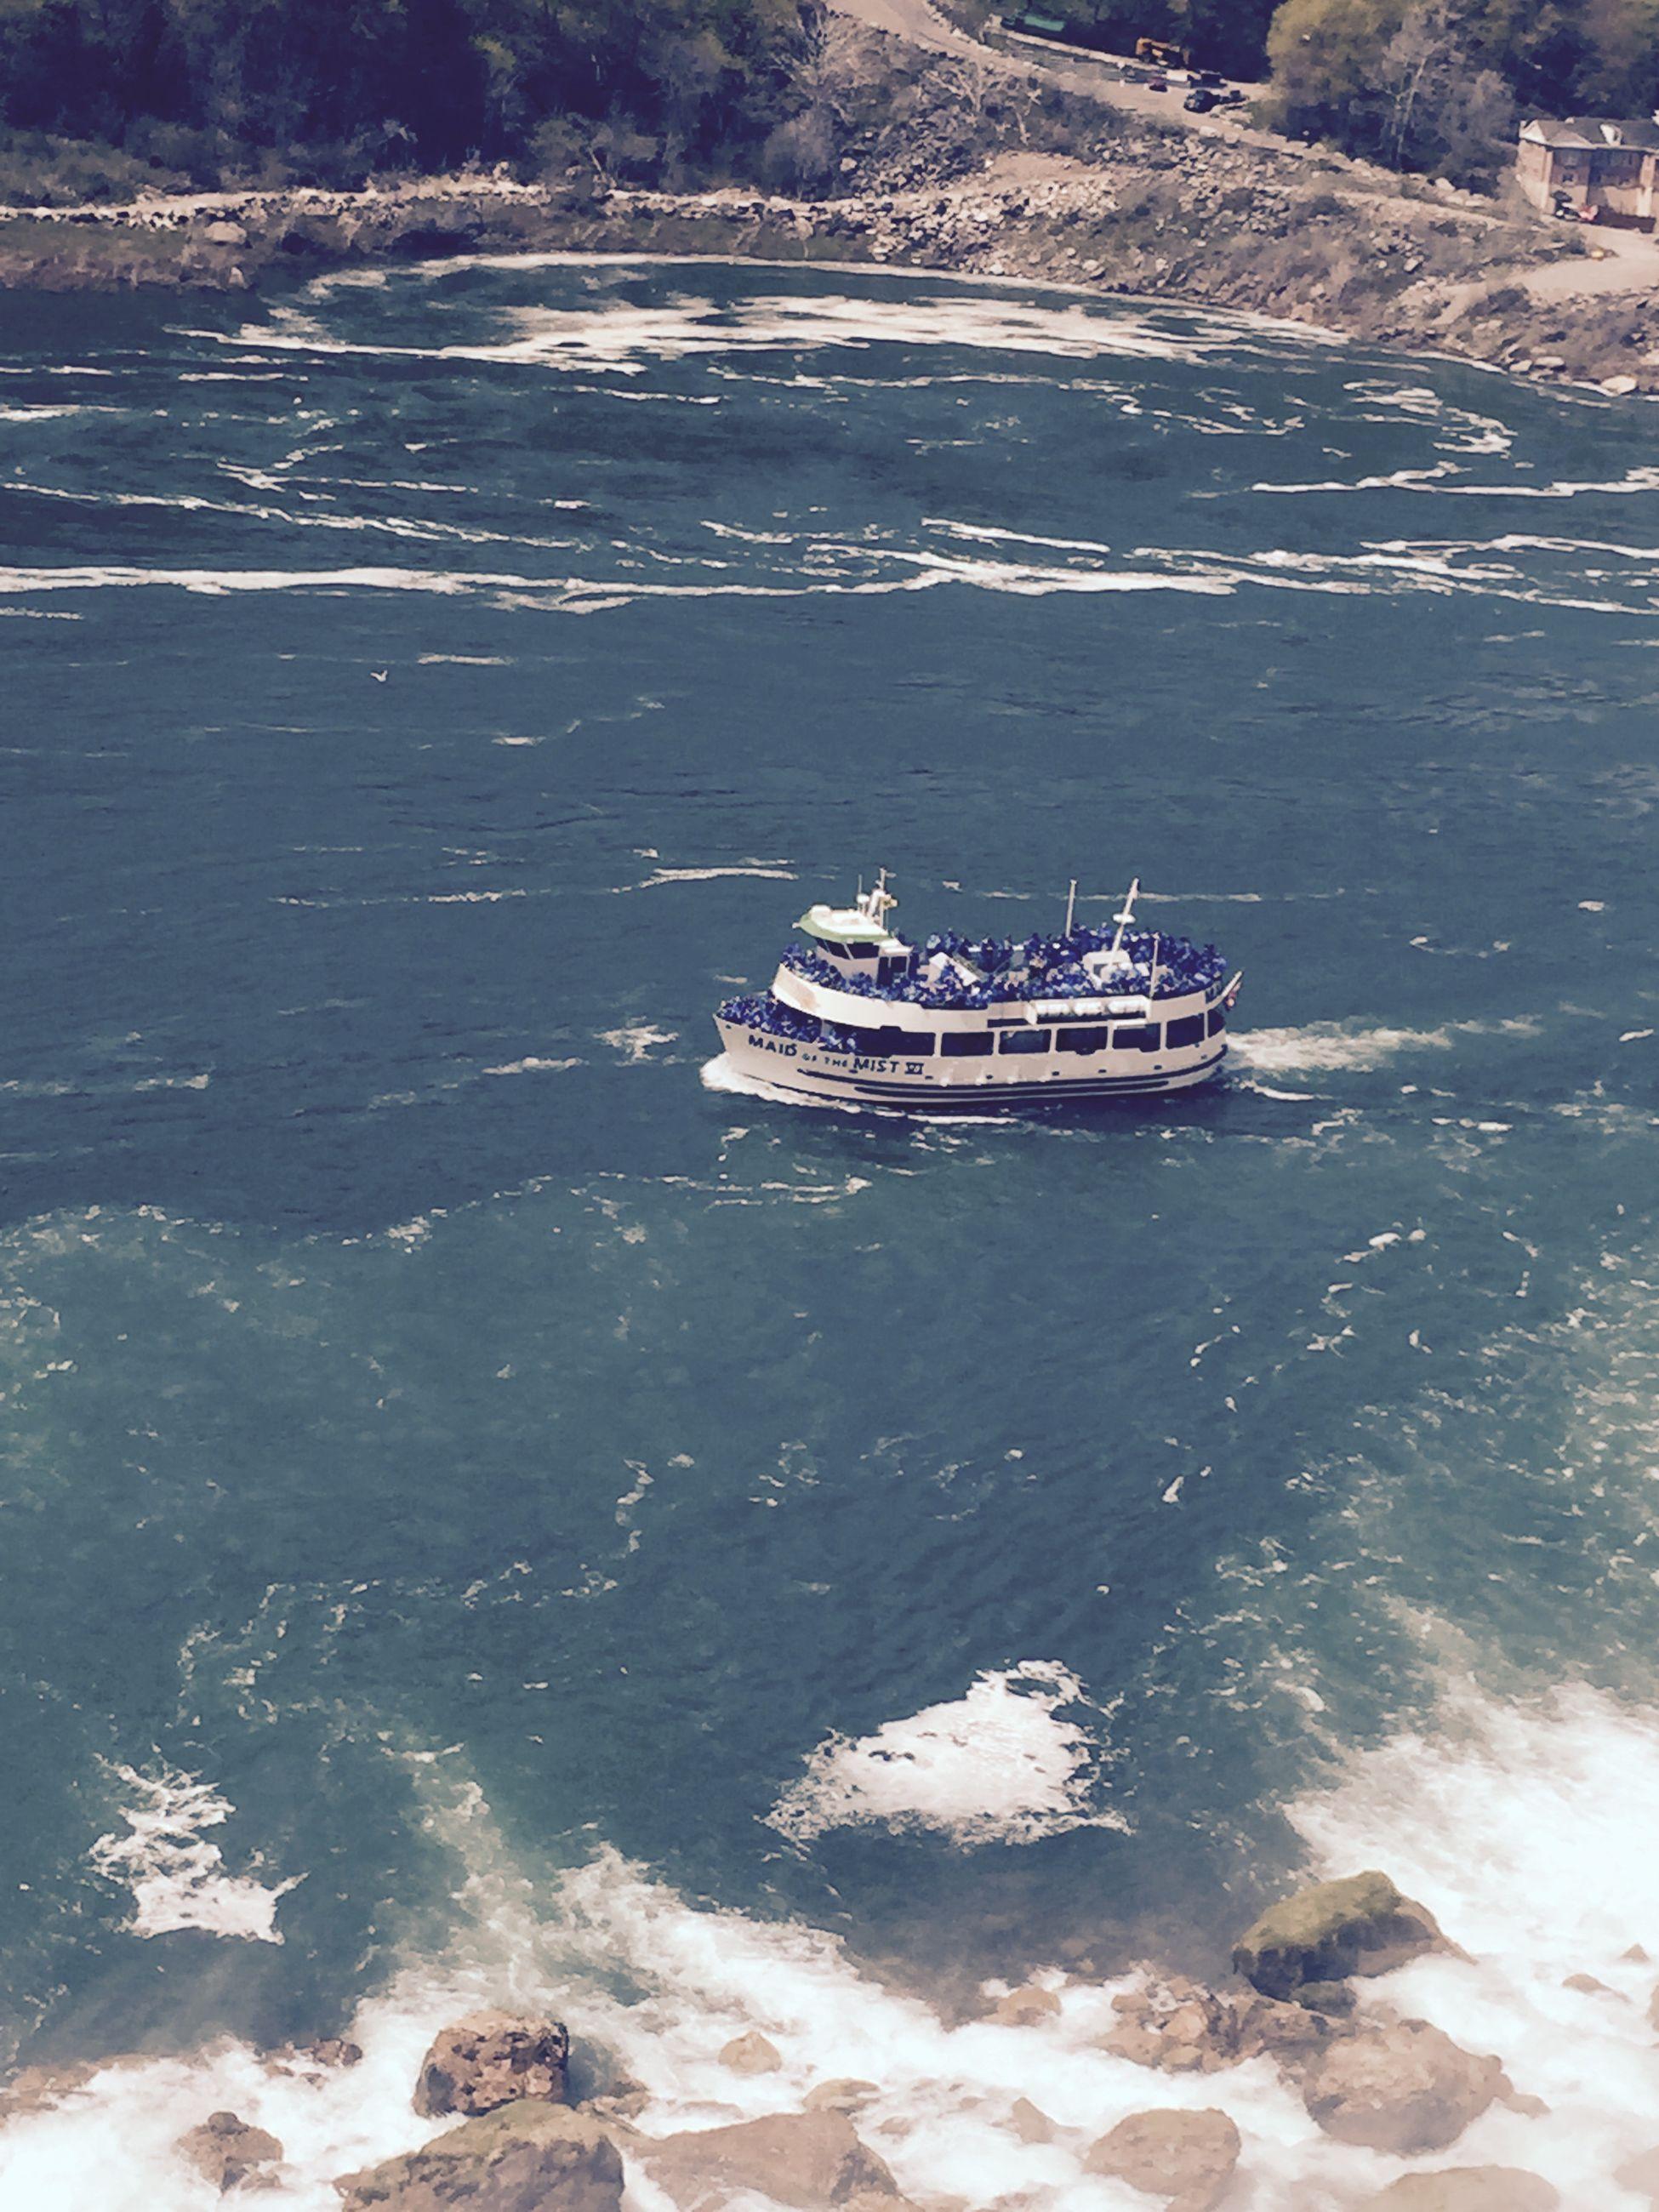 Niagra Falls وسط امواج نياجرا فولز